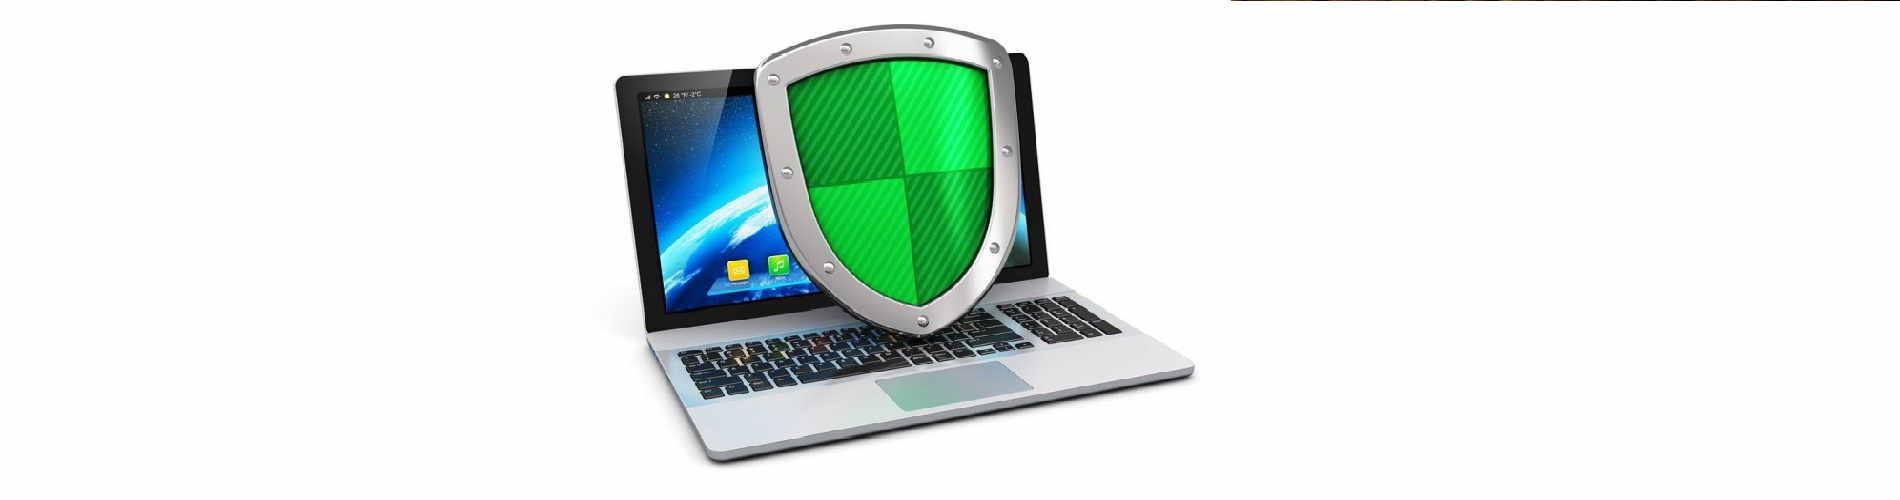 Защита сайта от взлома. Обеспечение безопасности вашего сайта.